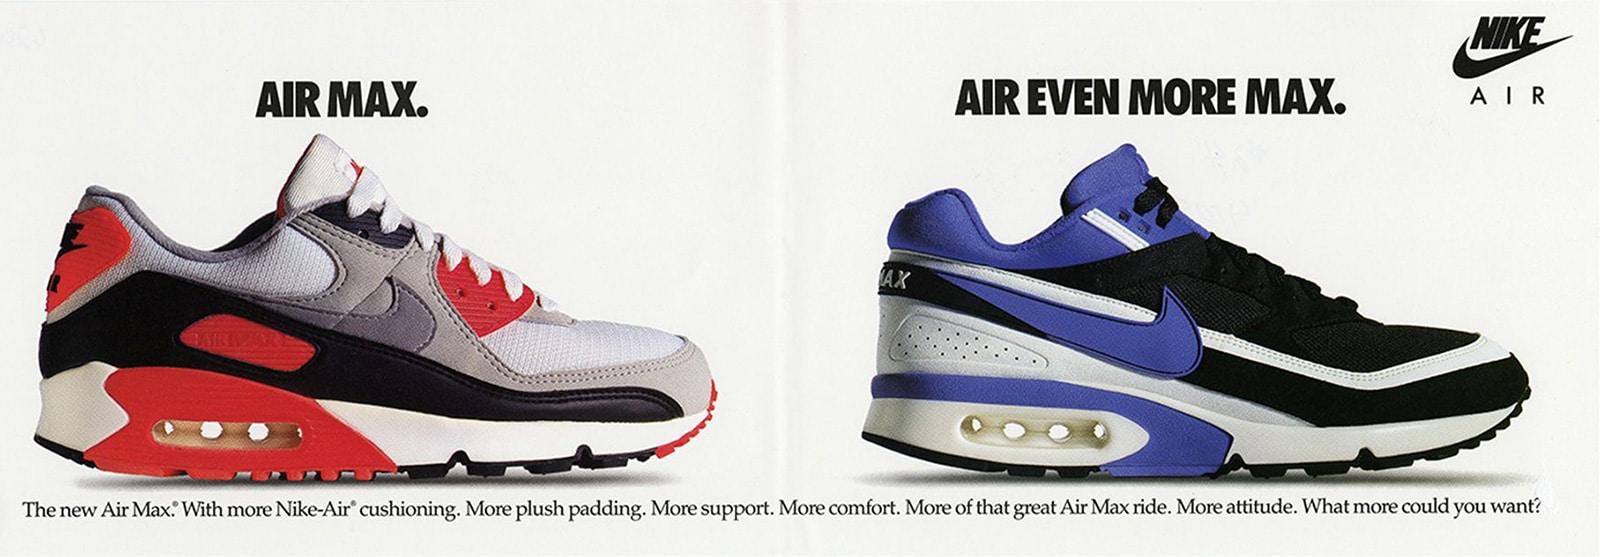 Air Max 90 и Air Max BW